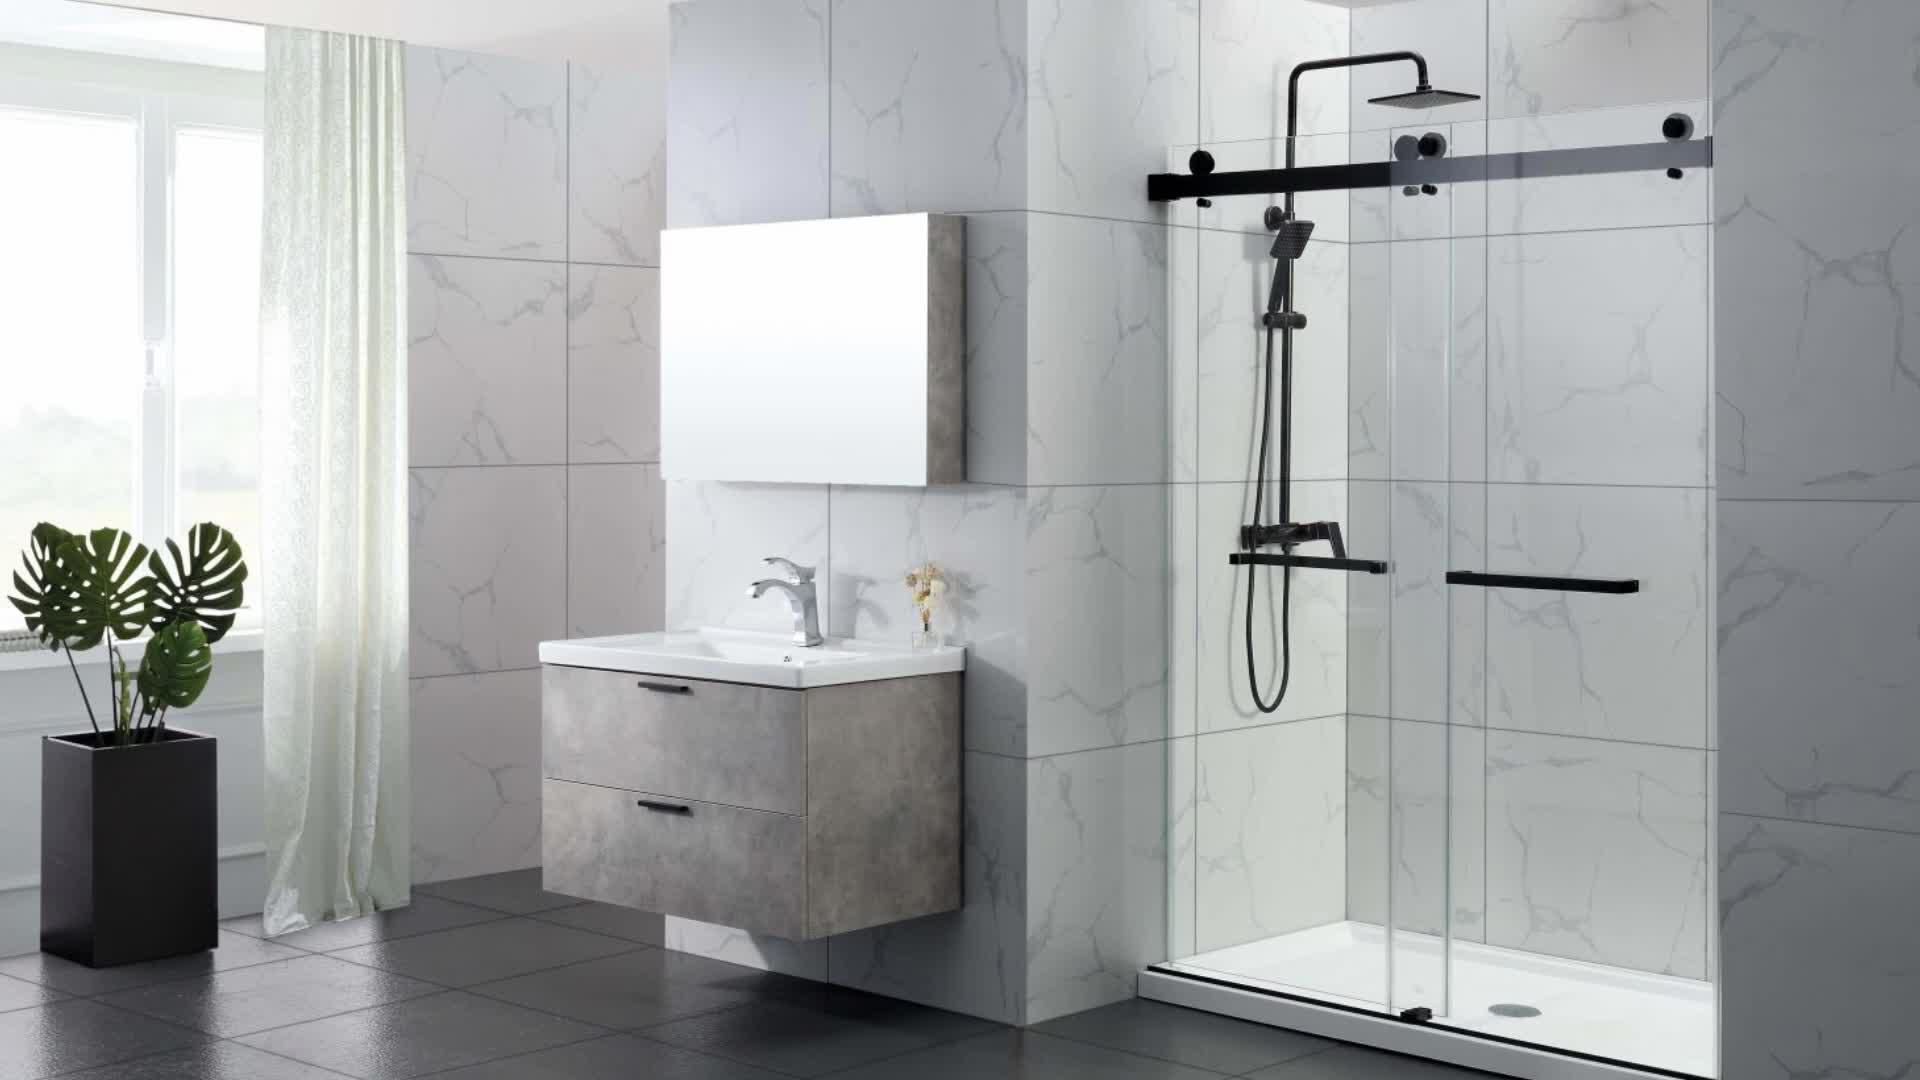 European Fiberglass Bathroom Shower Doors Frameless Home Use Factory Price Frameless Bathroom Glass Shower Door Buy Bathroom Glass Shower